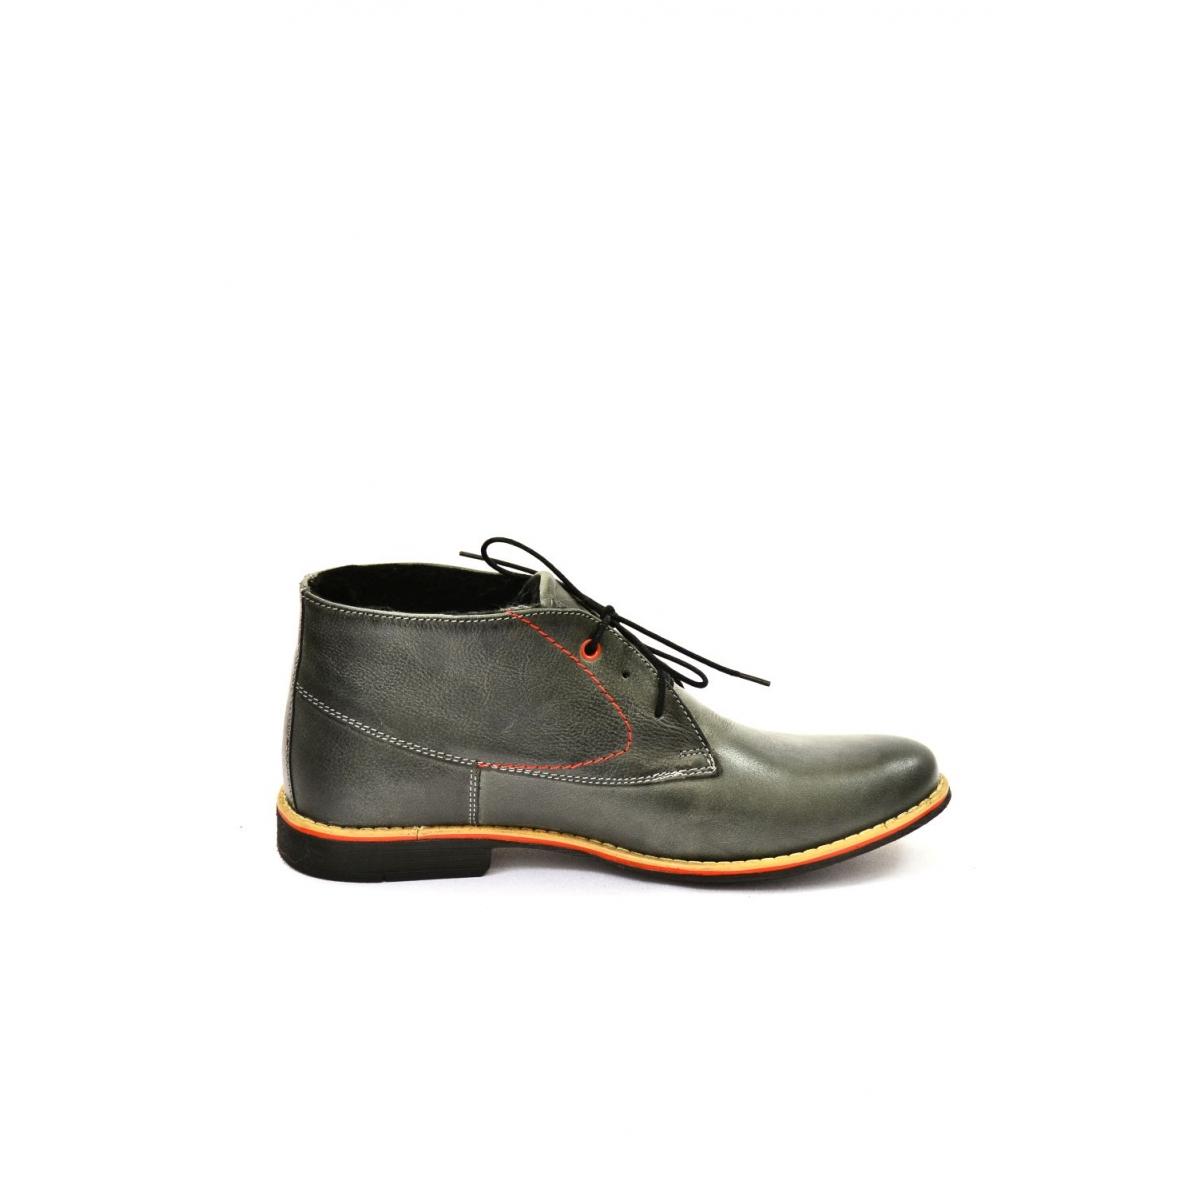 a0d02b4de3 Pánske sivé kožené zimné topánky RONNY - 5